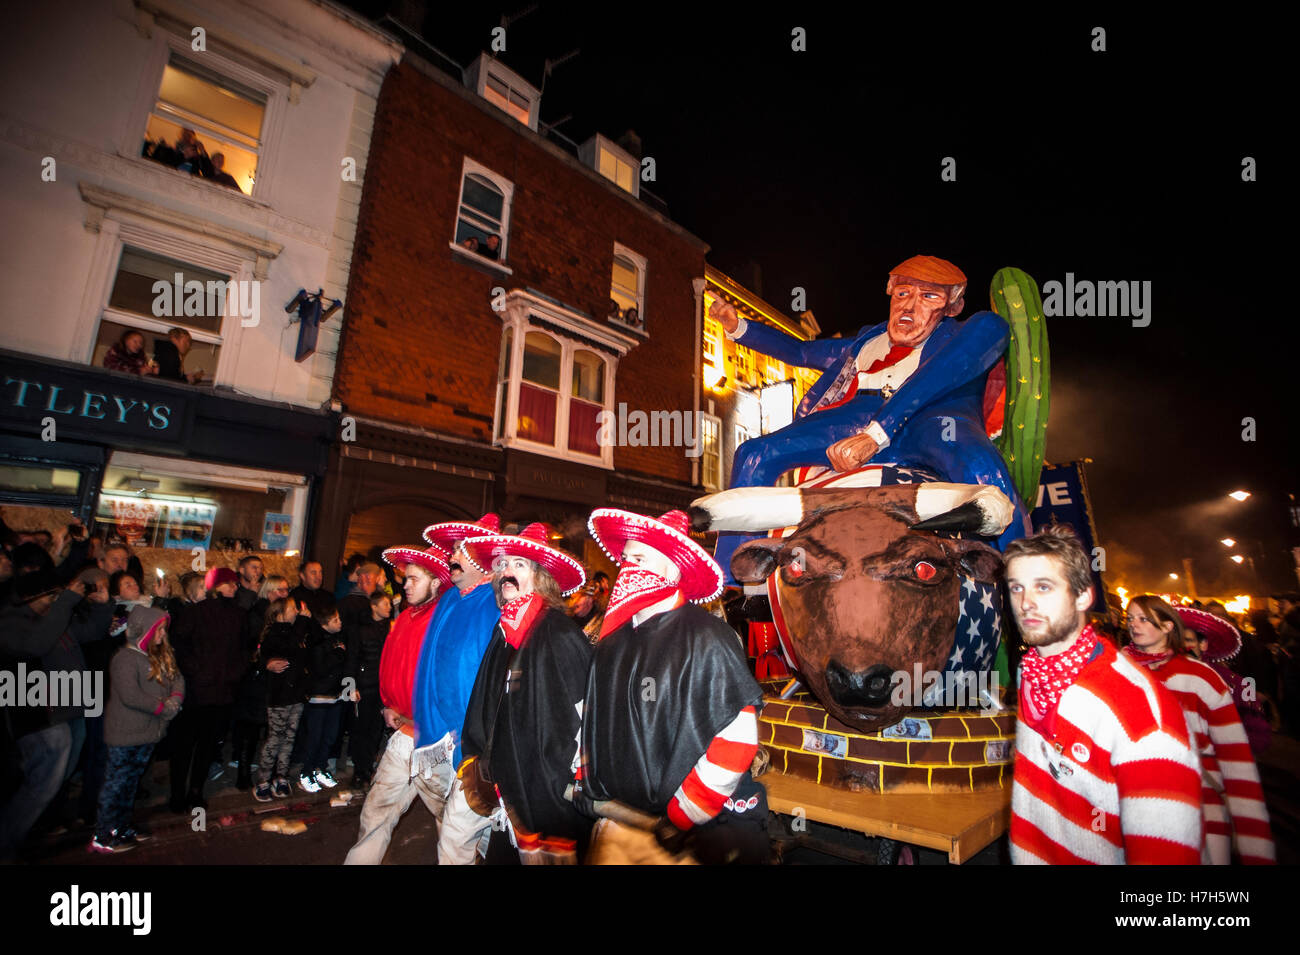 Lewes, Regno Unito. 5 Novembre, 2016. Lewes notte dei falò celebrazioni. L annuale 5 novembre celebrazioni Immagini Stock